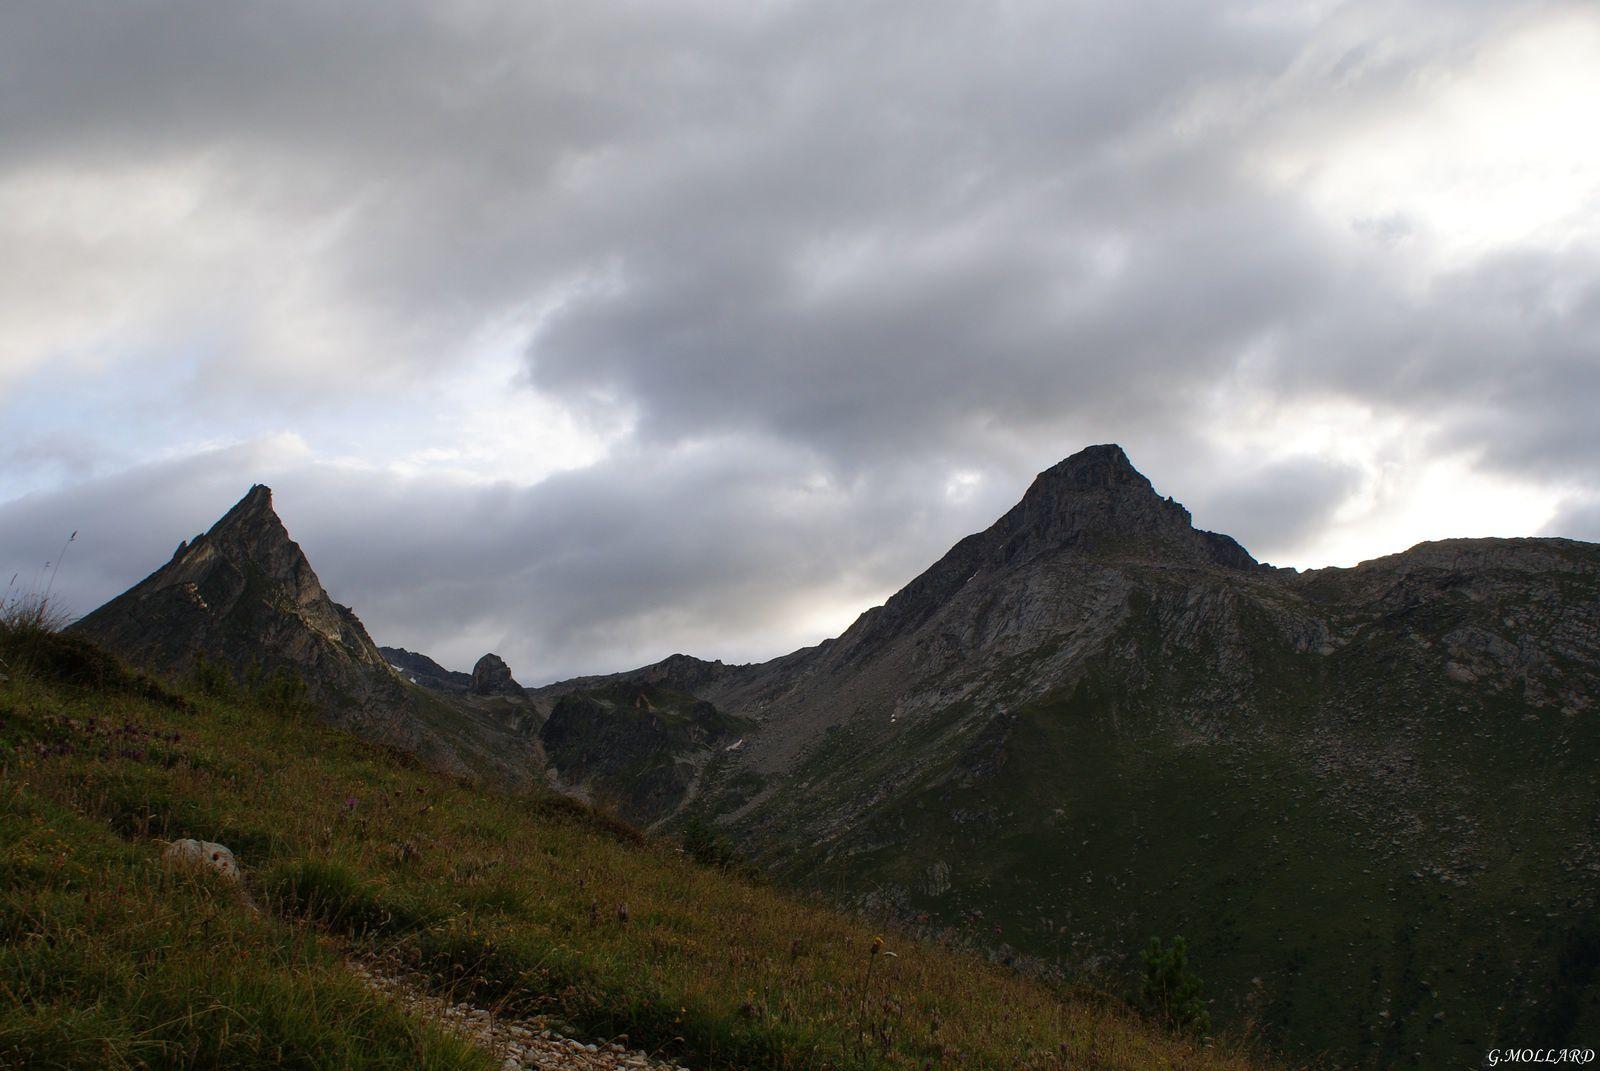 Aiguille Doran à gauche, col de la Masse 2952m au centre et le rateau d'Aussois 3122m à droite